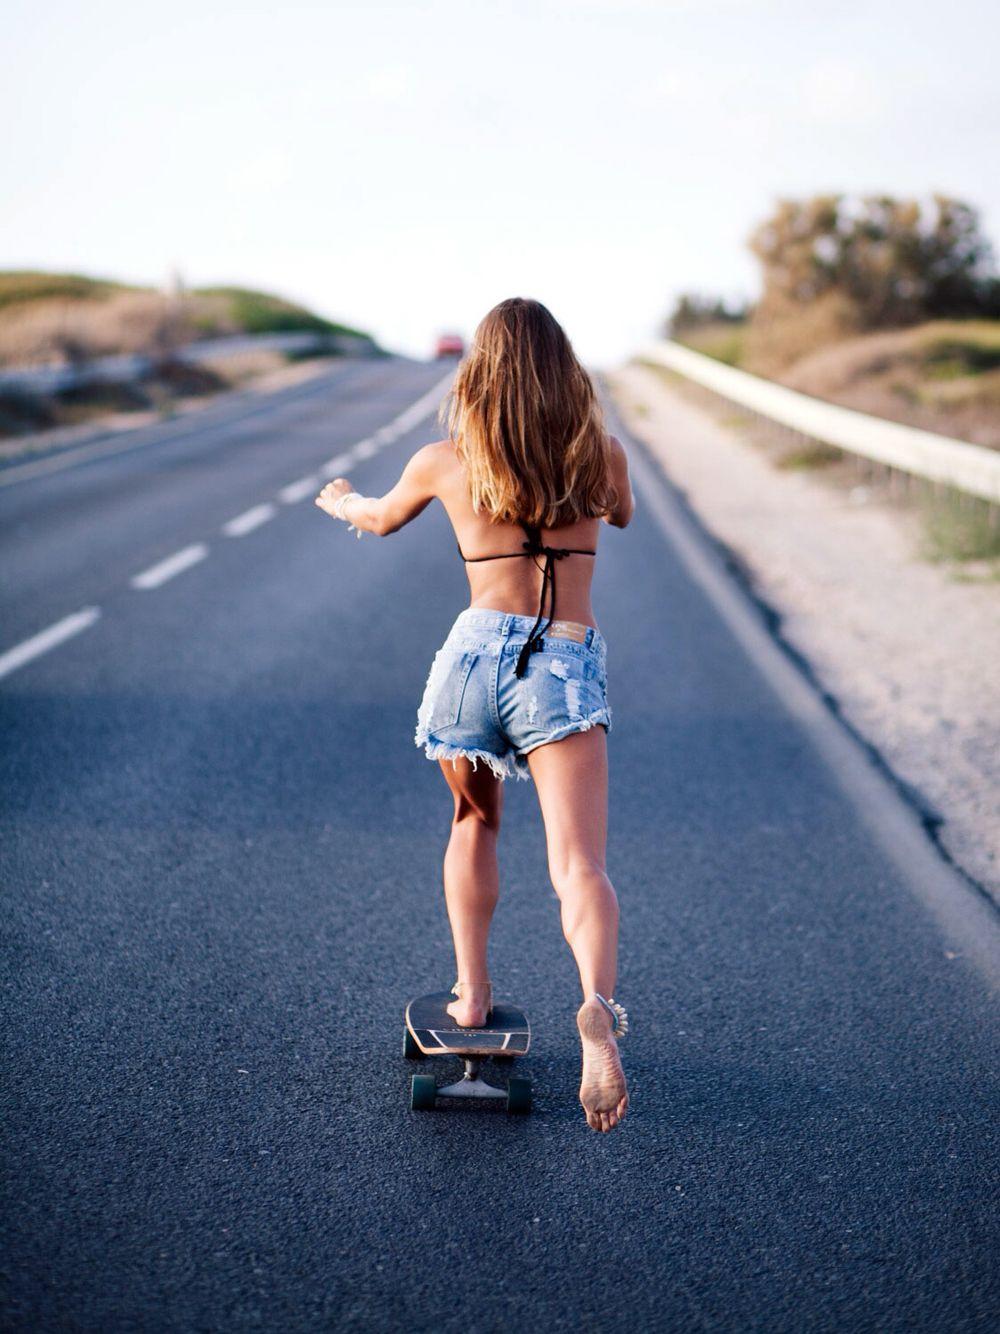 Barefoot Girl Skateboarding